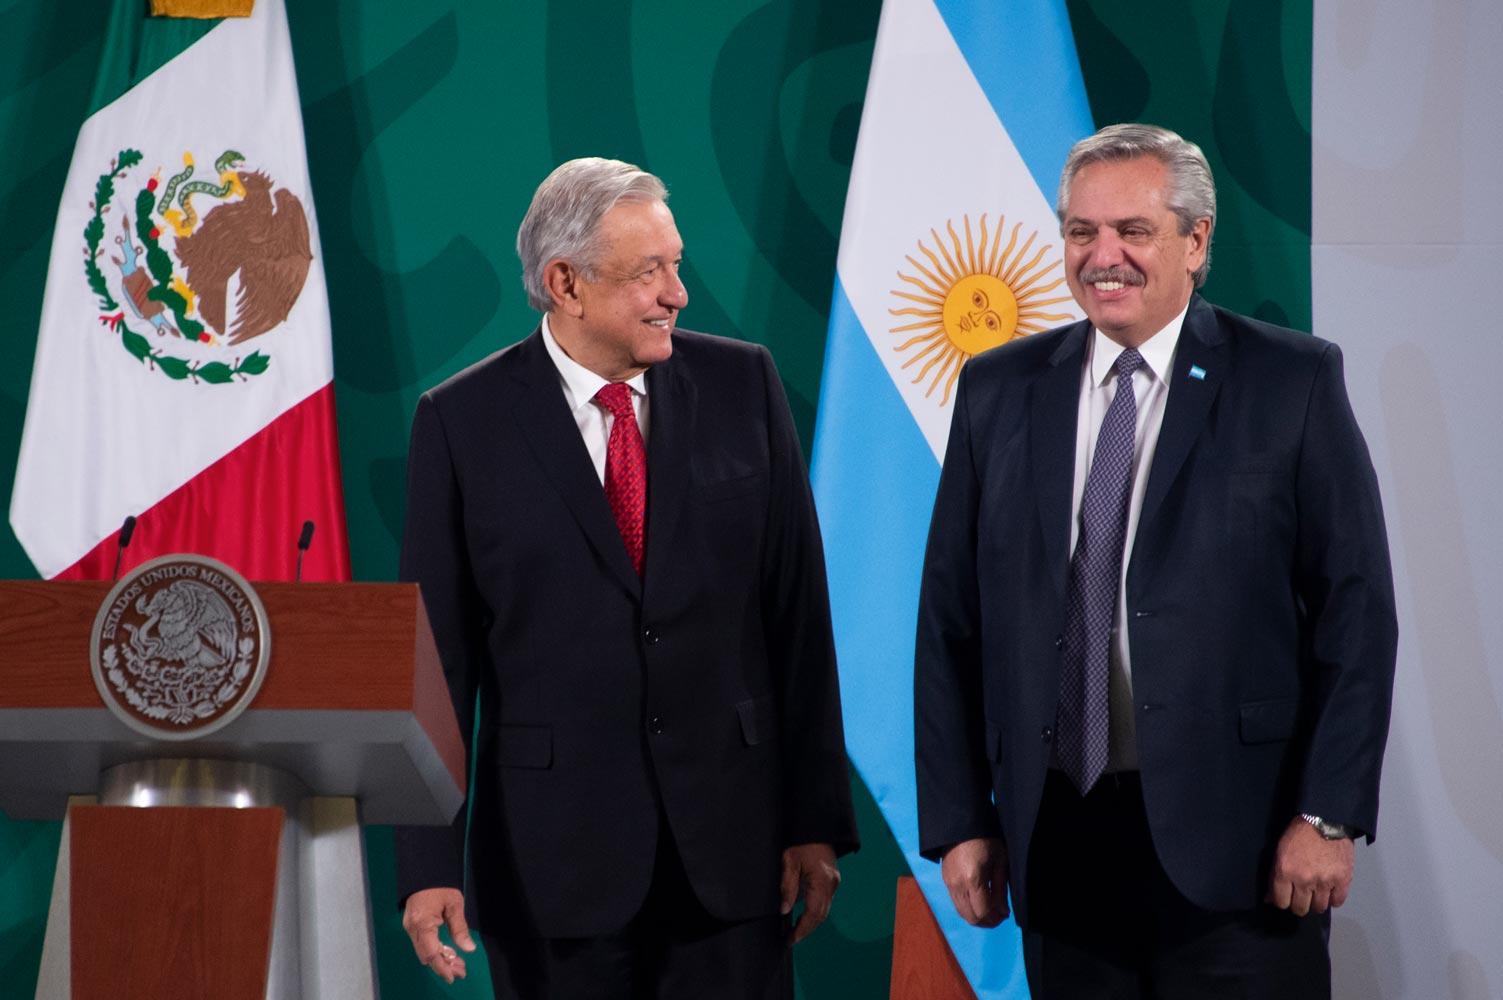 Presidente de Argentina visita la mañanera, apoya la postura de AMLO en contra del acaparamiento de vacunas